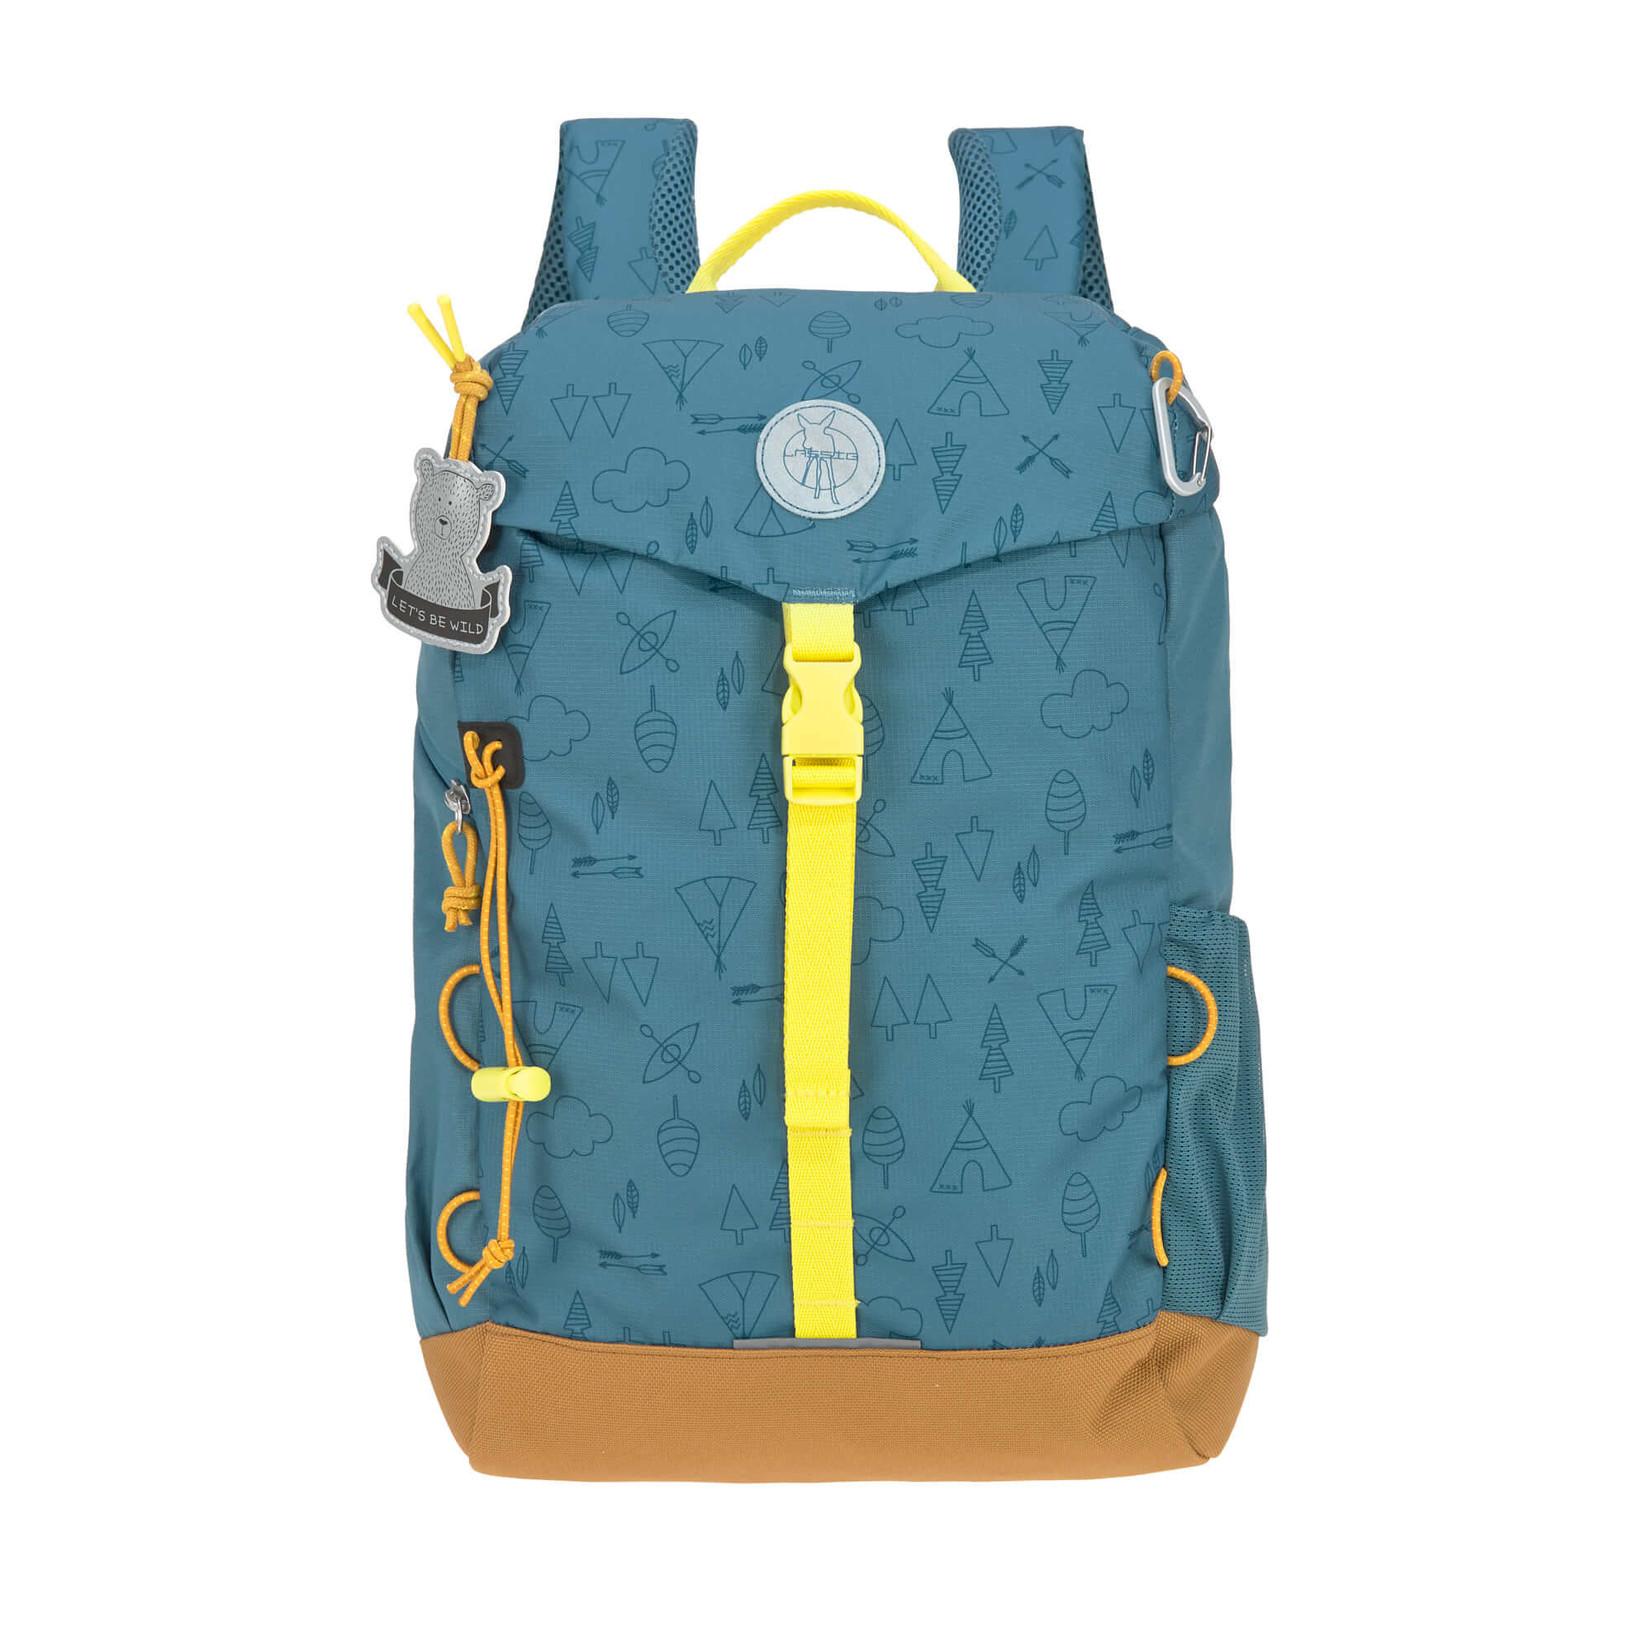 Lässig Fashion Lässig Outdoor-Kinderrucksack | 14 l | Blau, Braun, Gelb